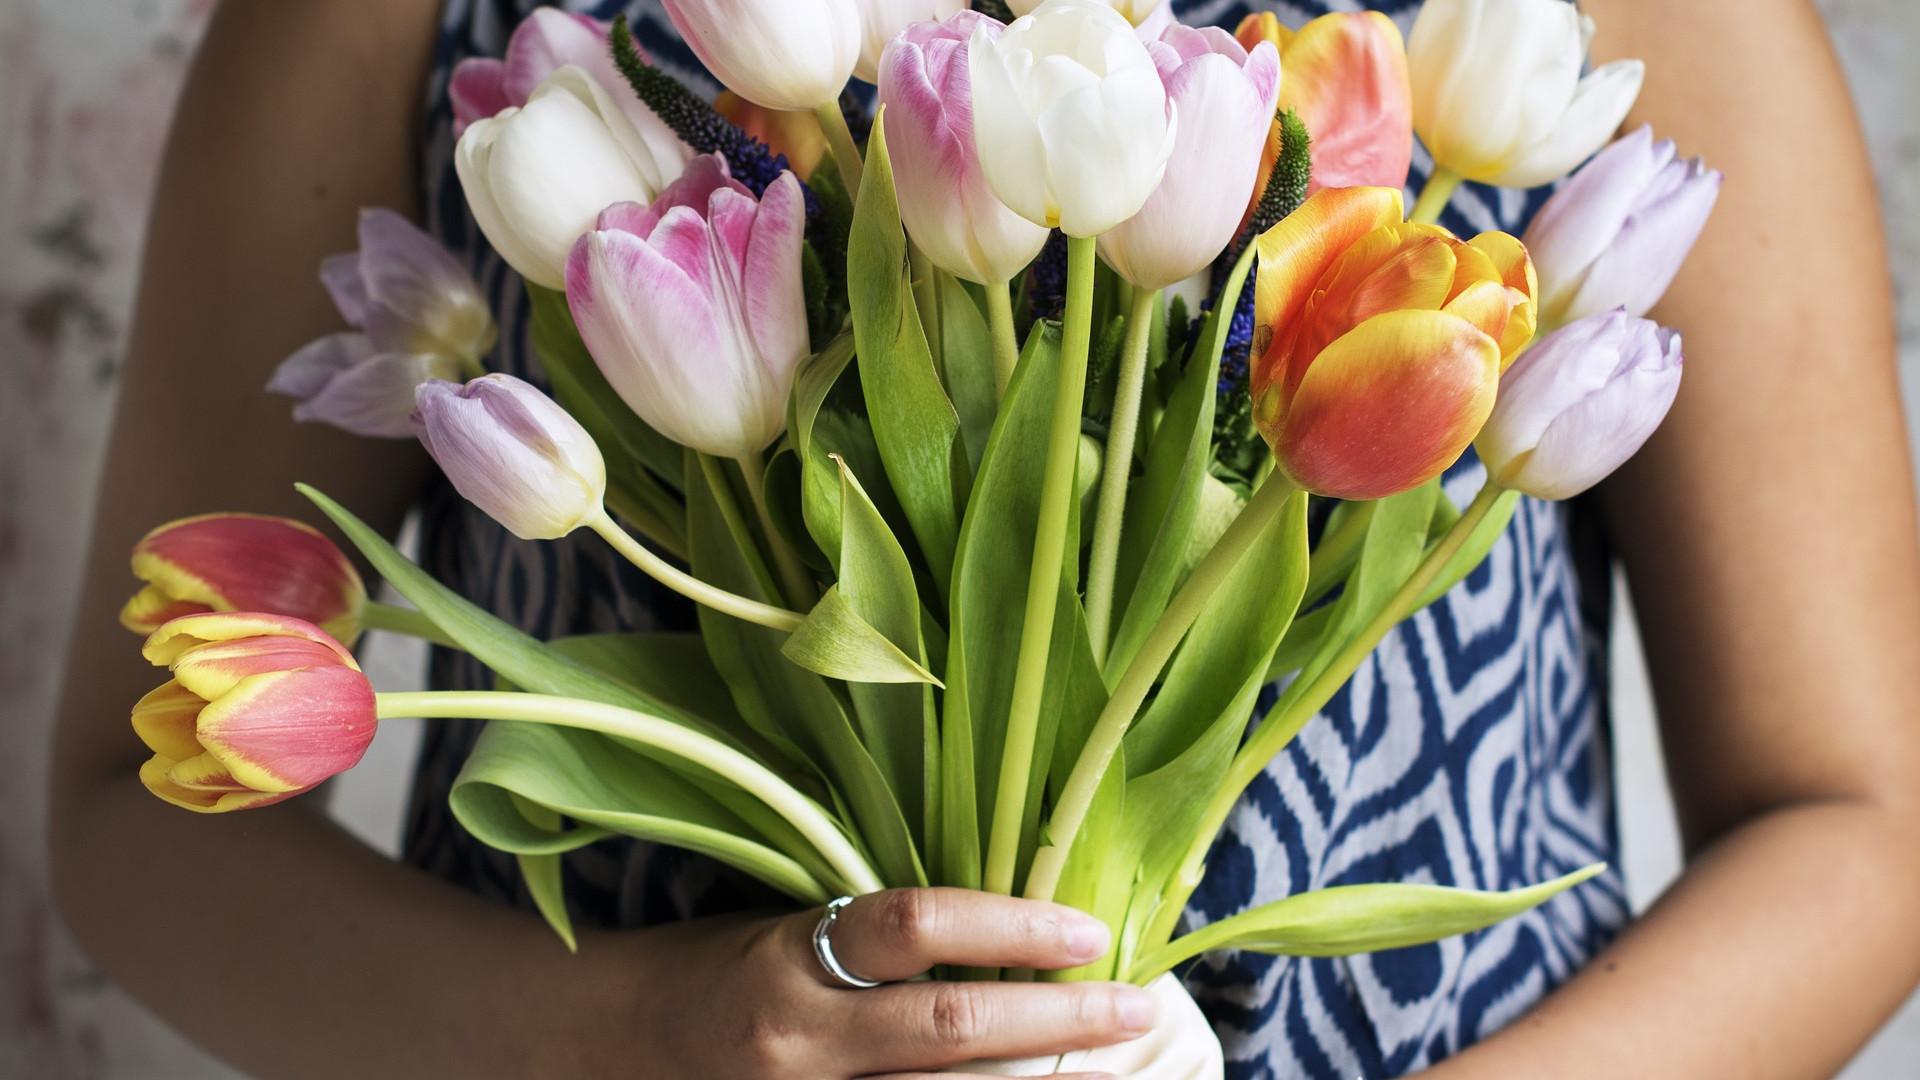 Pourquoi est-il important de préserver les artisans fleuristes?